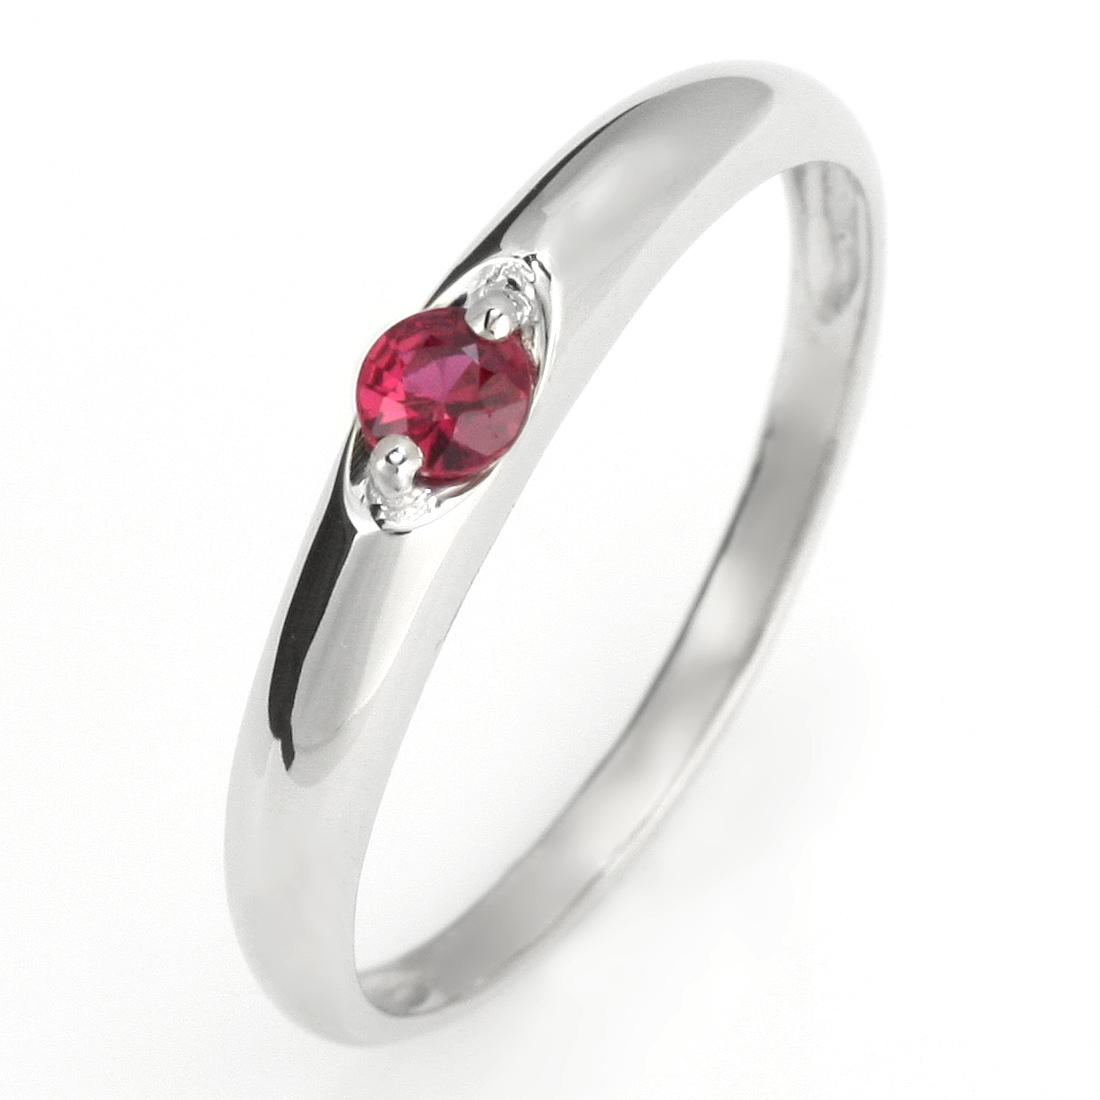 ペアリング 結婚指輪 マリッジリング プラチナ リング ルビー 7月 誕生石【DEAL】